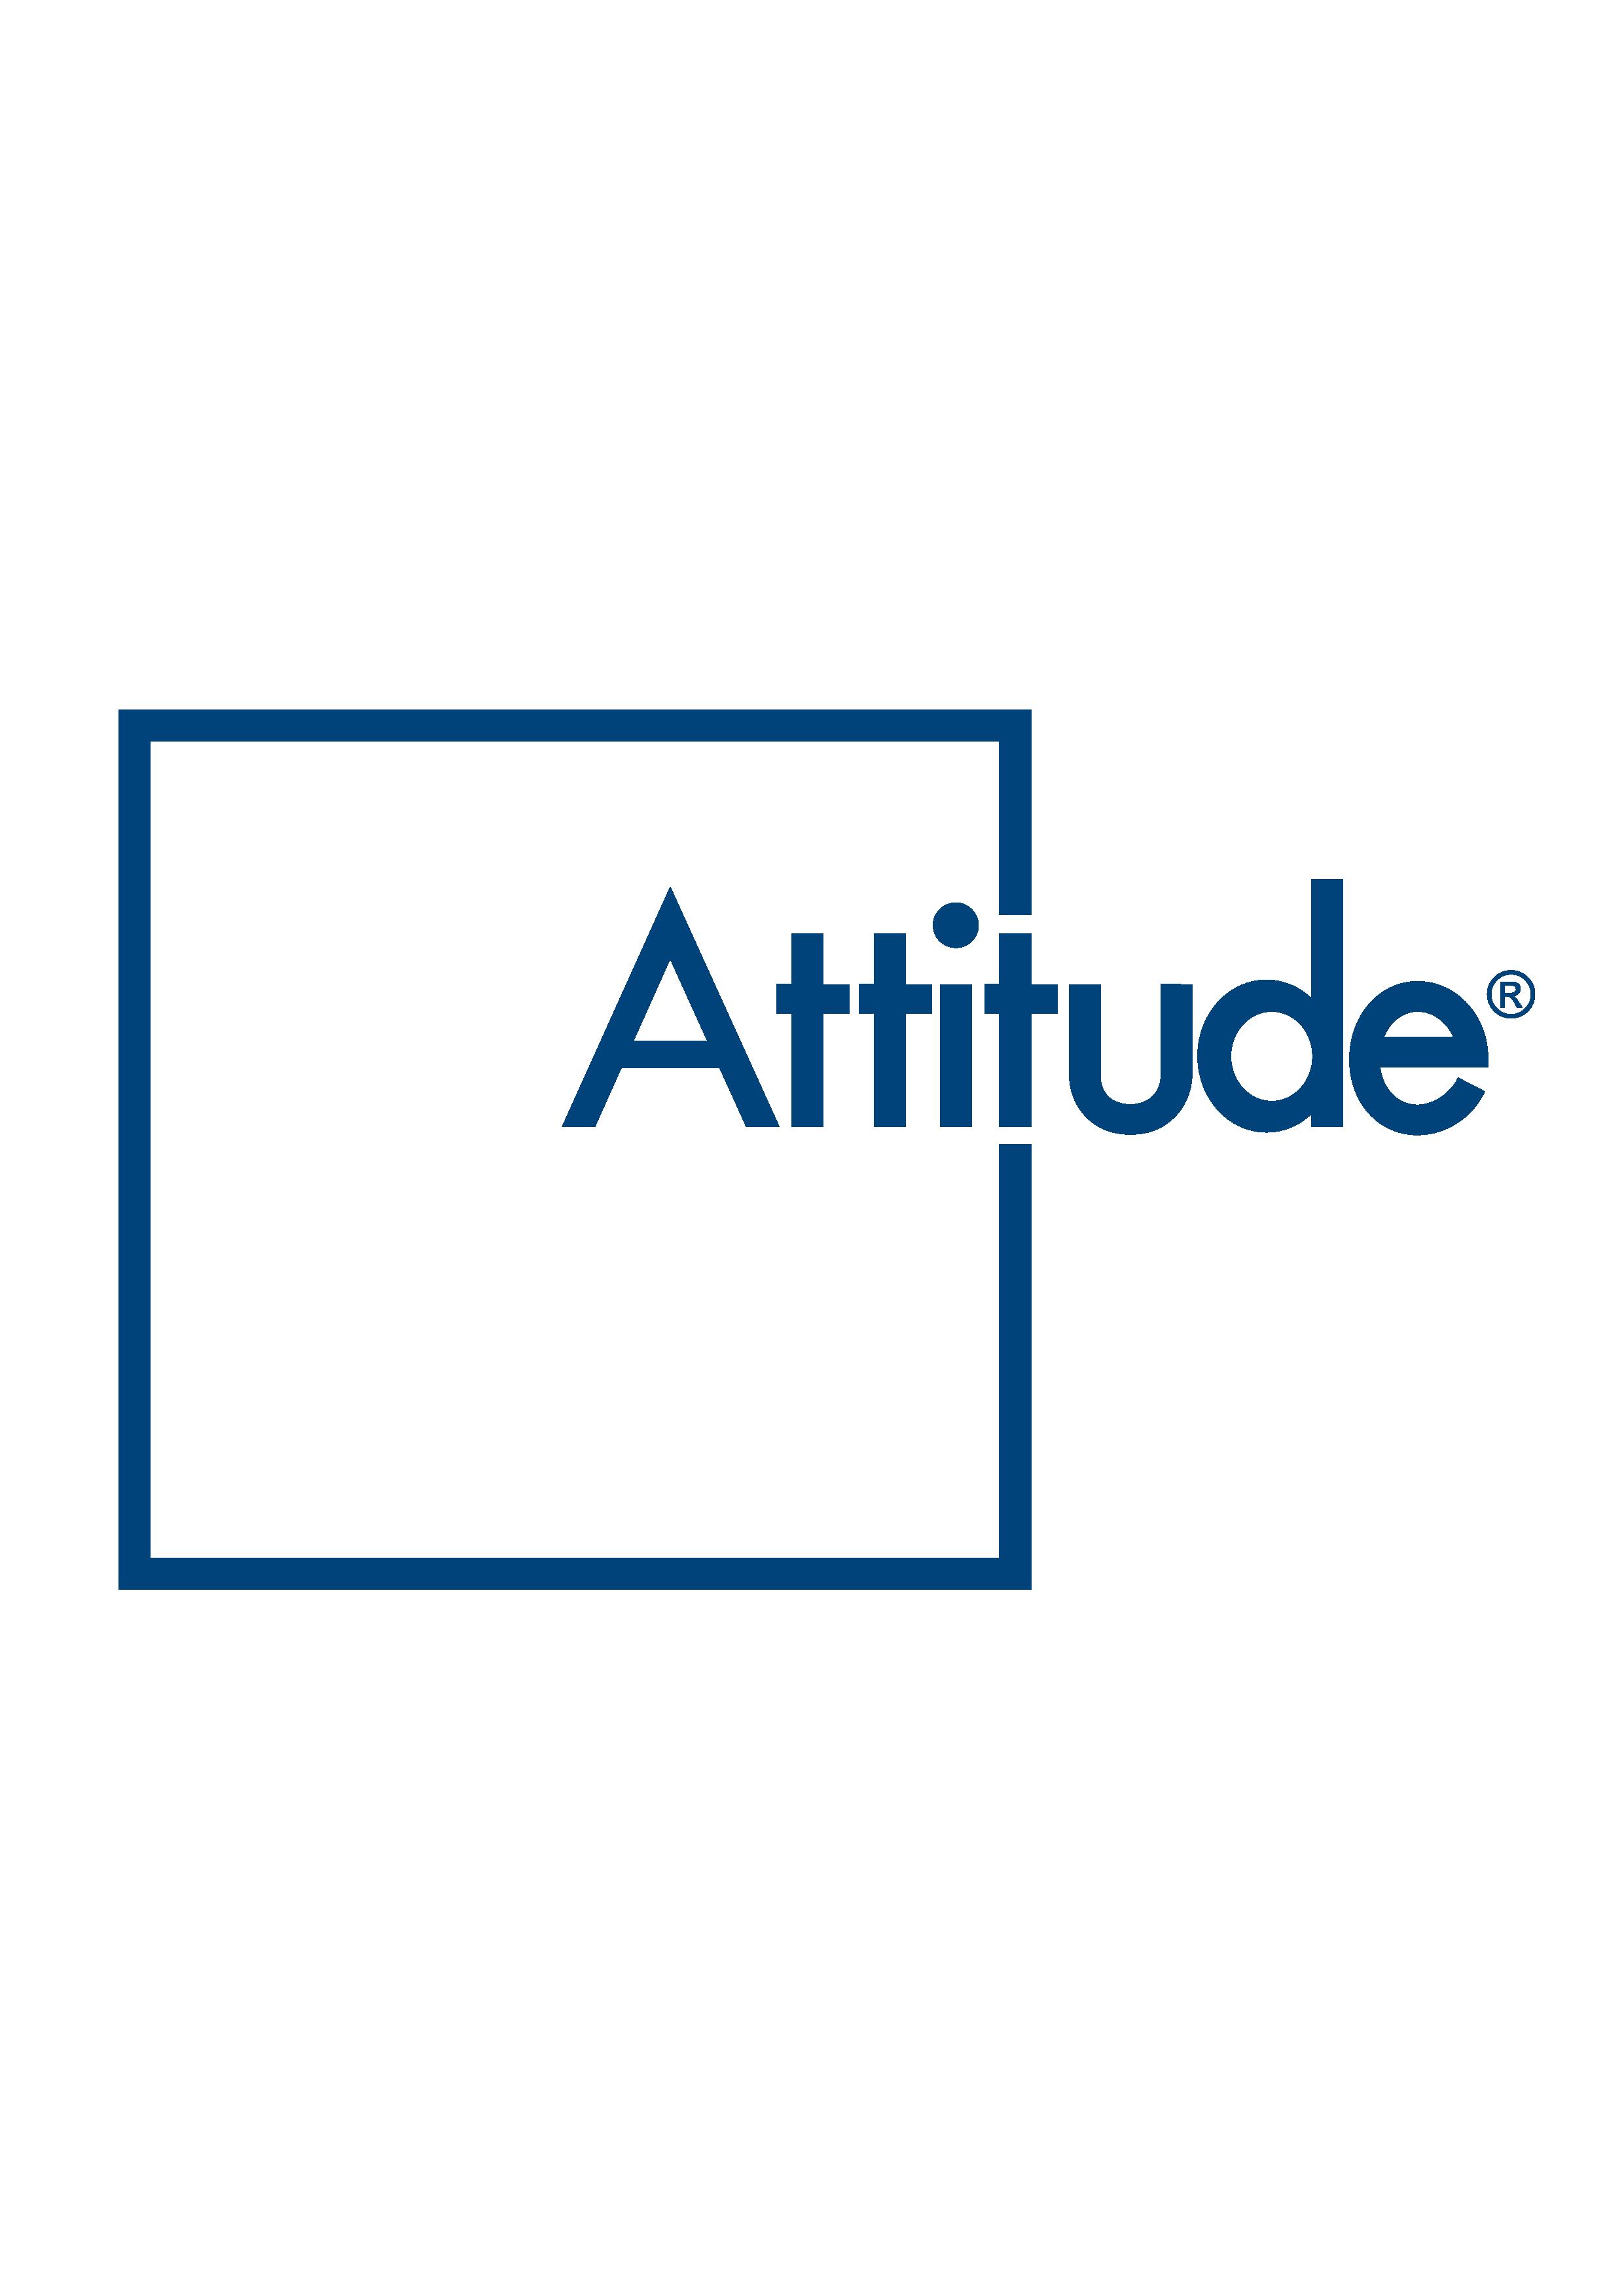 Logo_Attitude